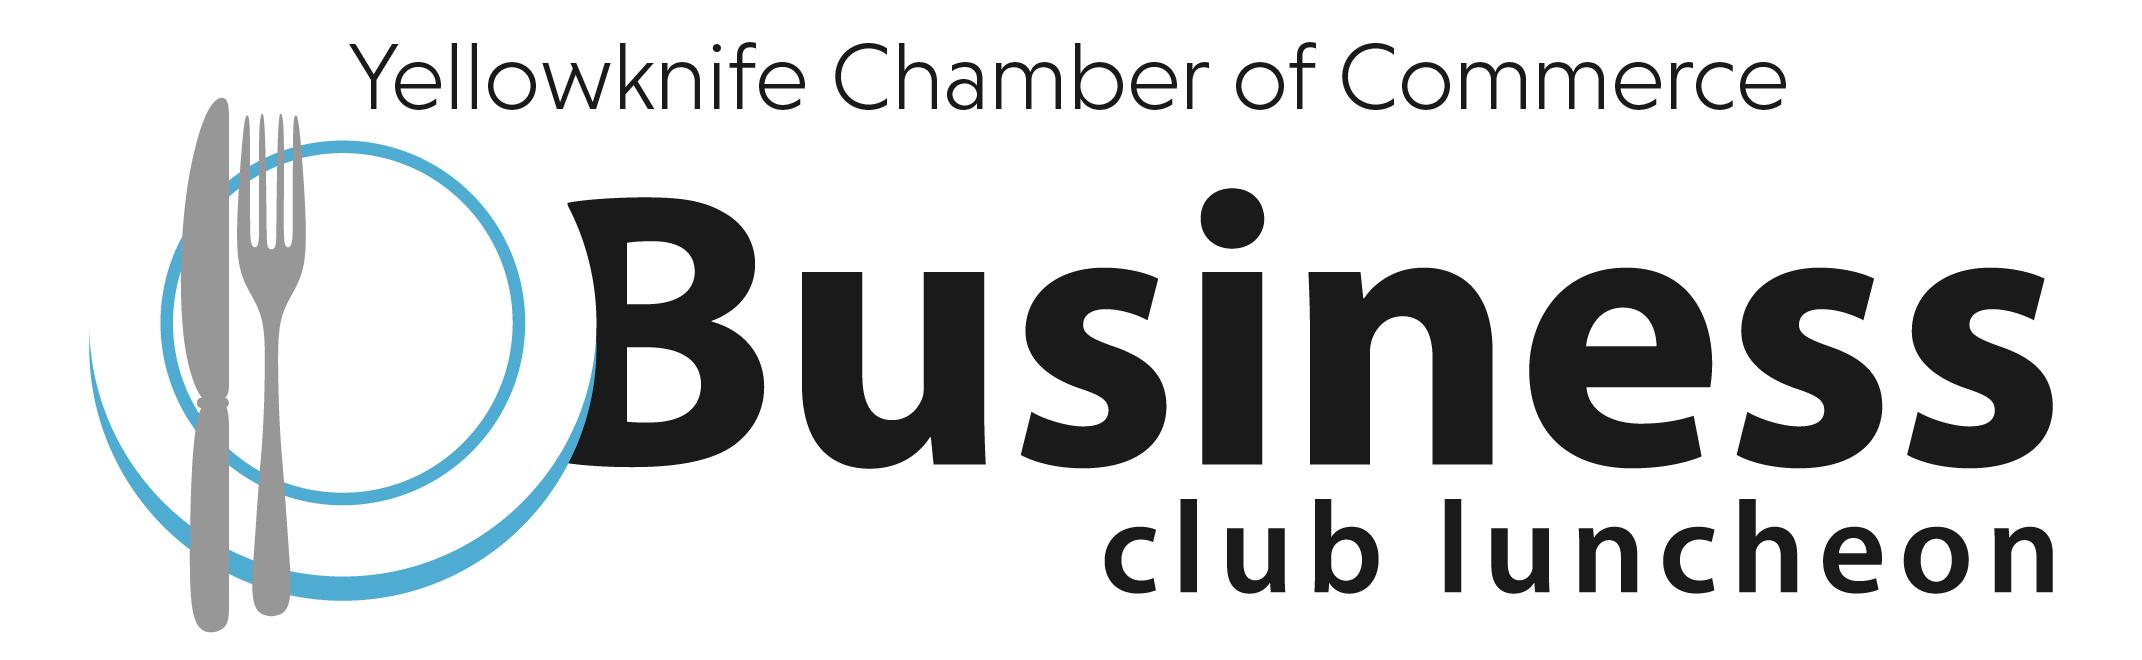 BusinessClubLuncheon.jpg